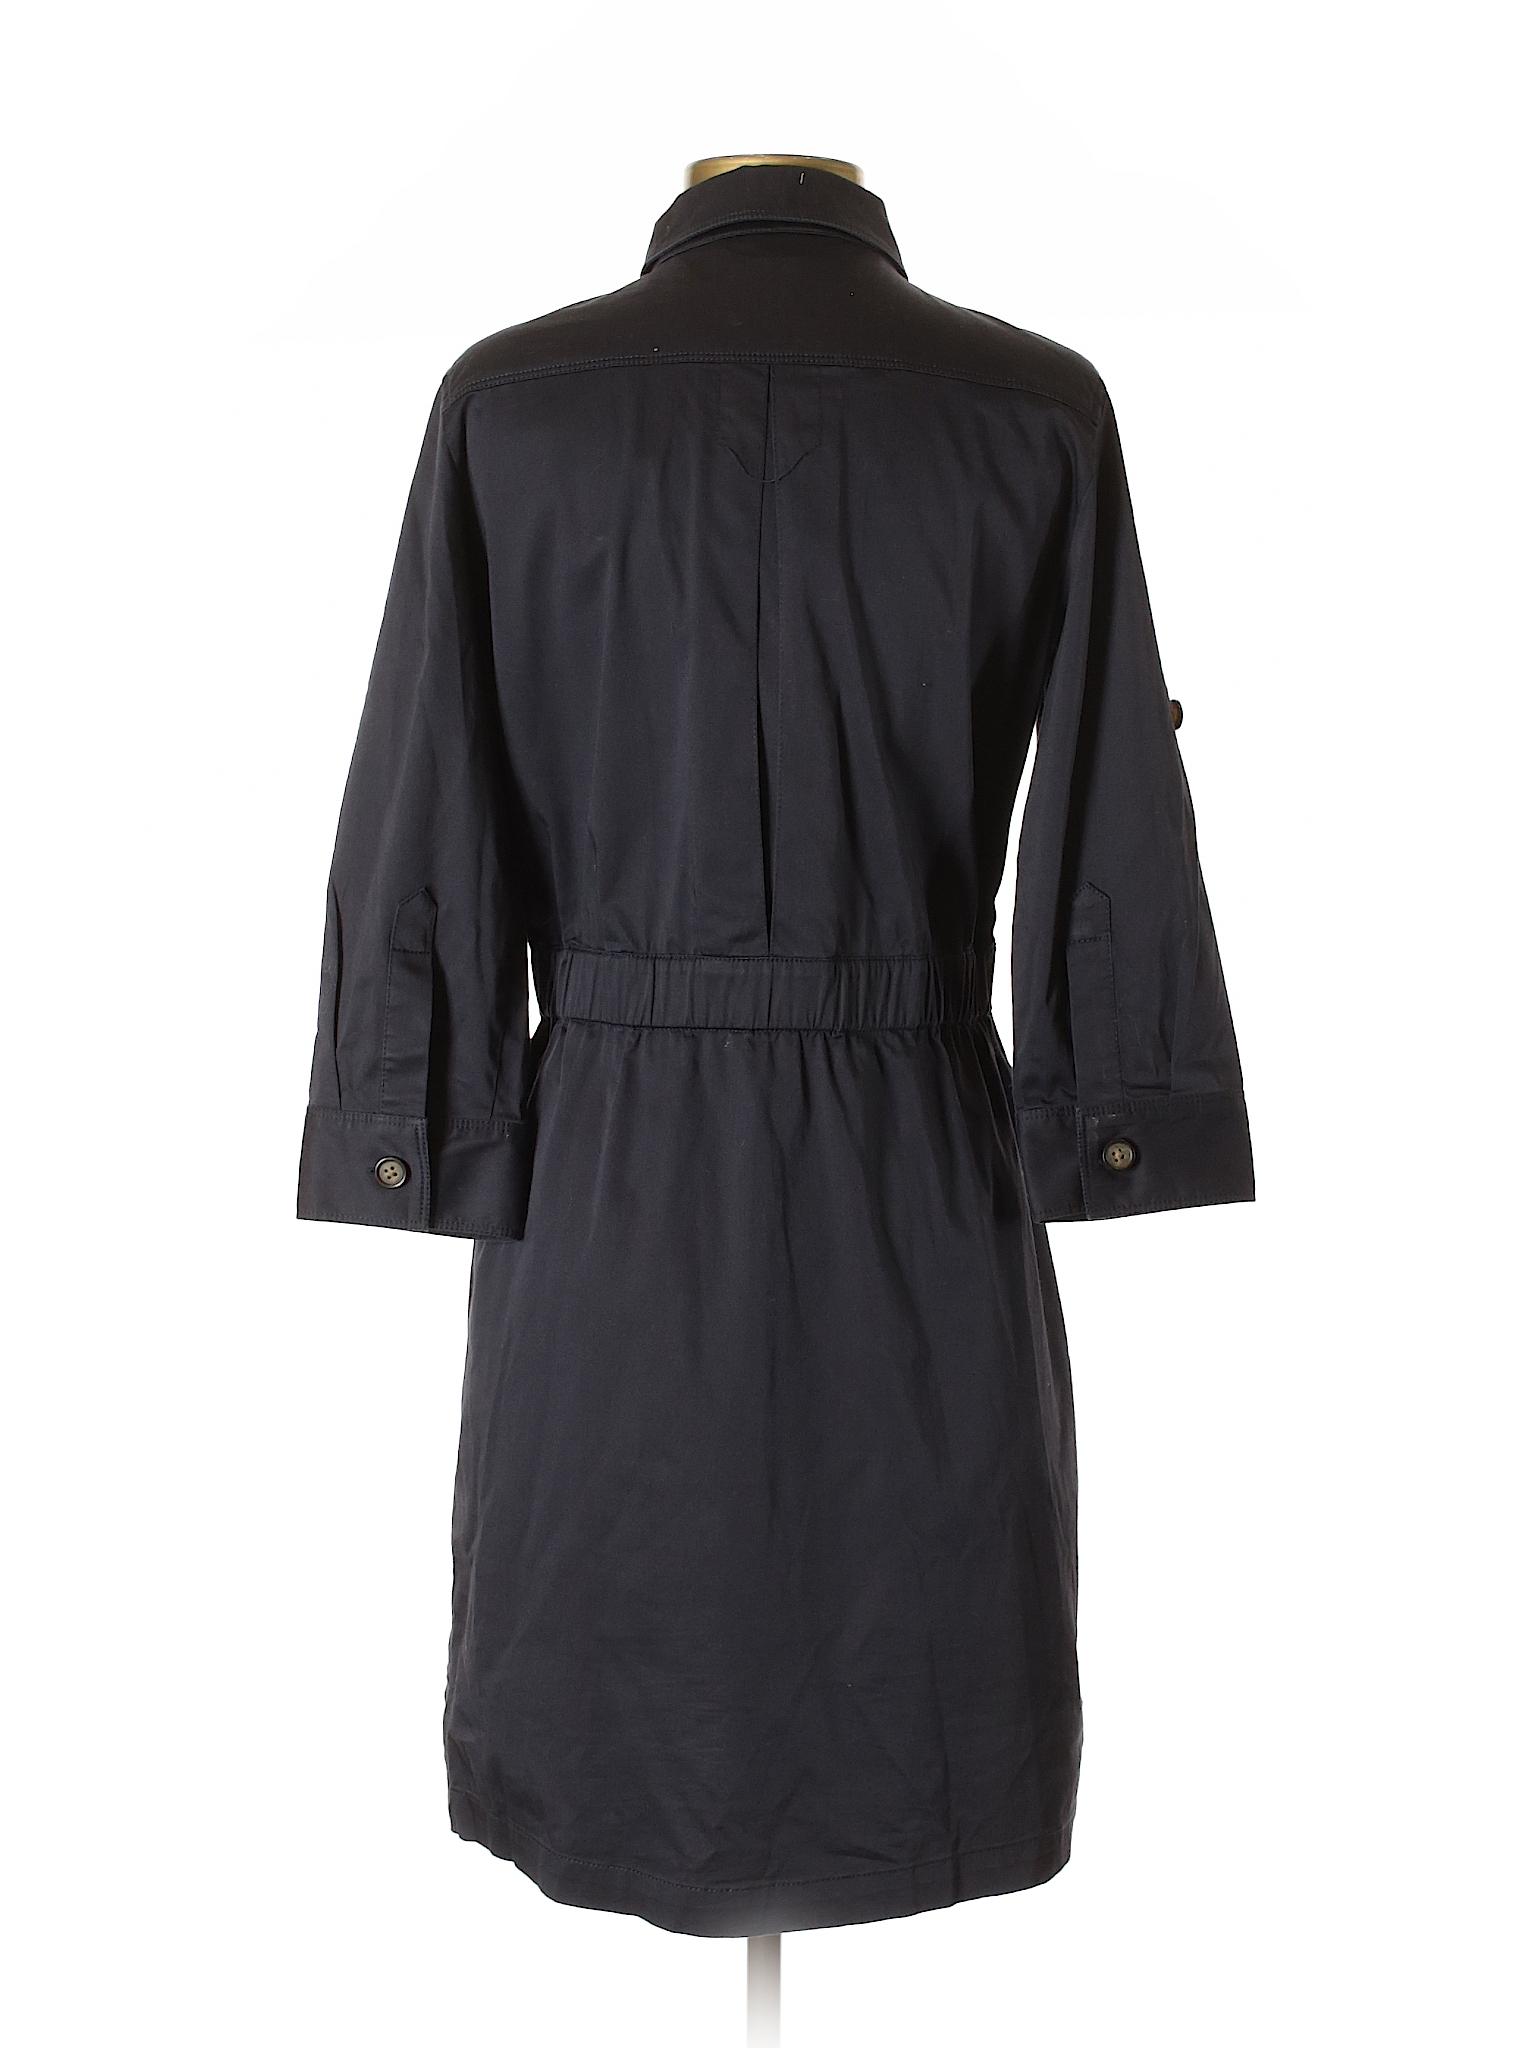 Dress Ann LOFT Selling Casual Taylor 8HdUIqnO